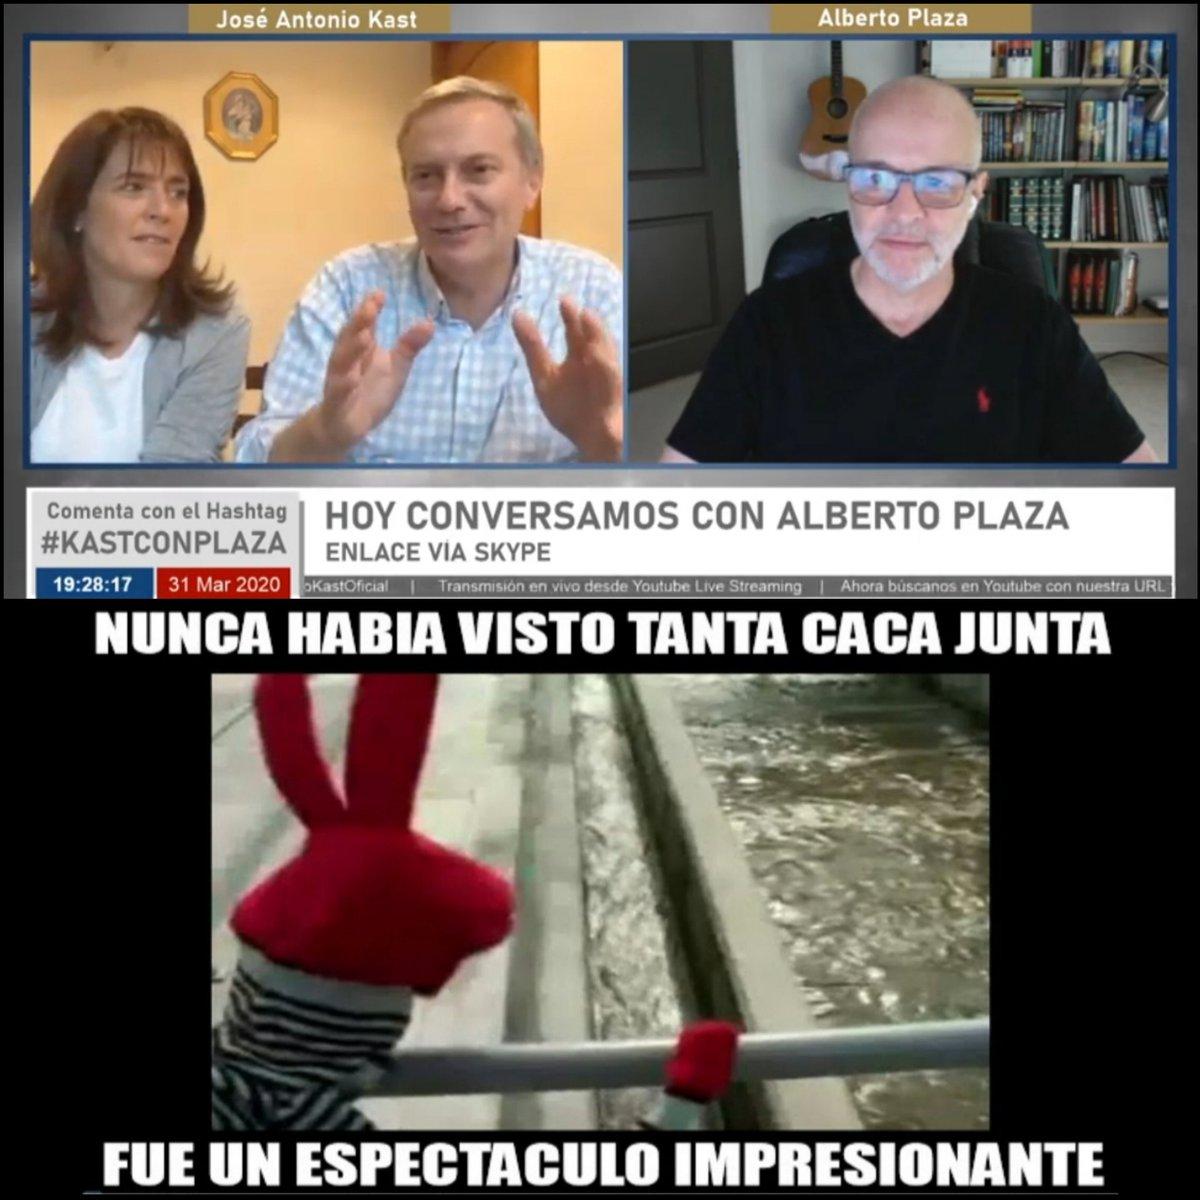 """Pajas Youtube paola westower on twitter: """"el pajas y el funas #kastconplaza… """""""